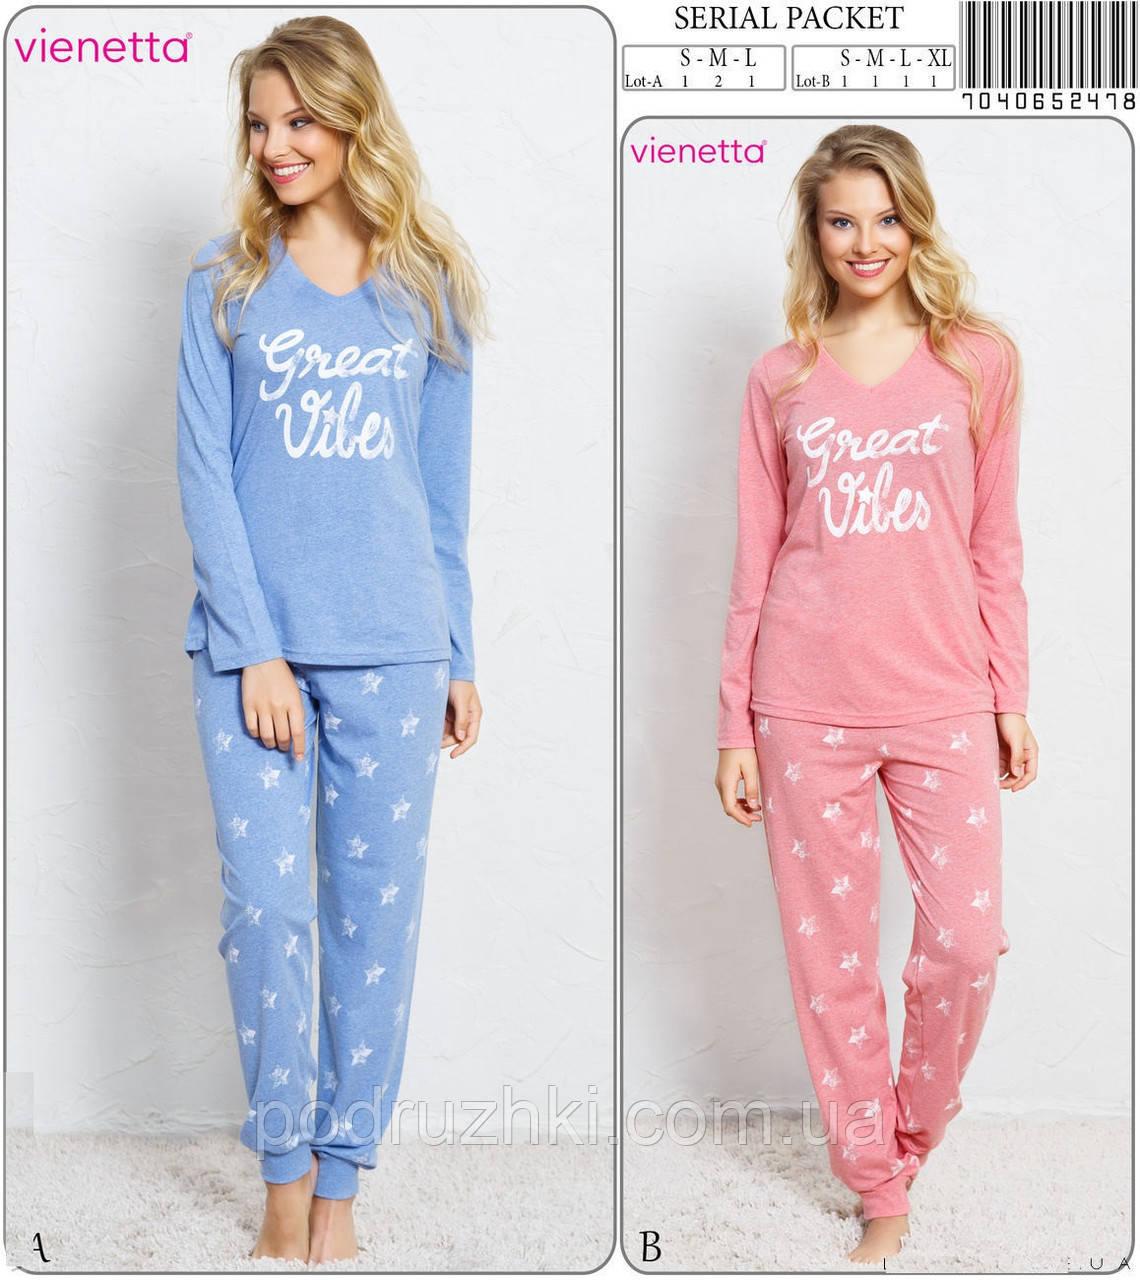 e91354ba9c43e Комплект женский (пижама) VIENETTA - Интернет-магазин